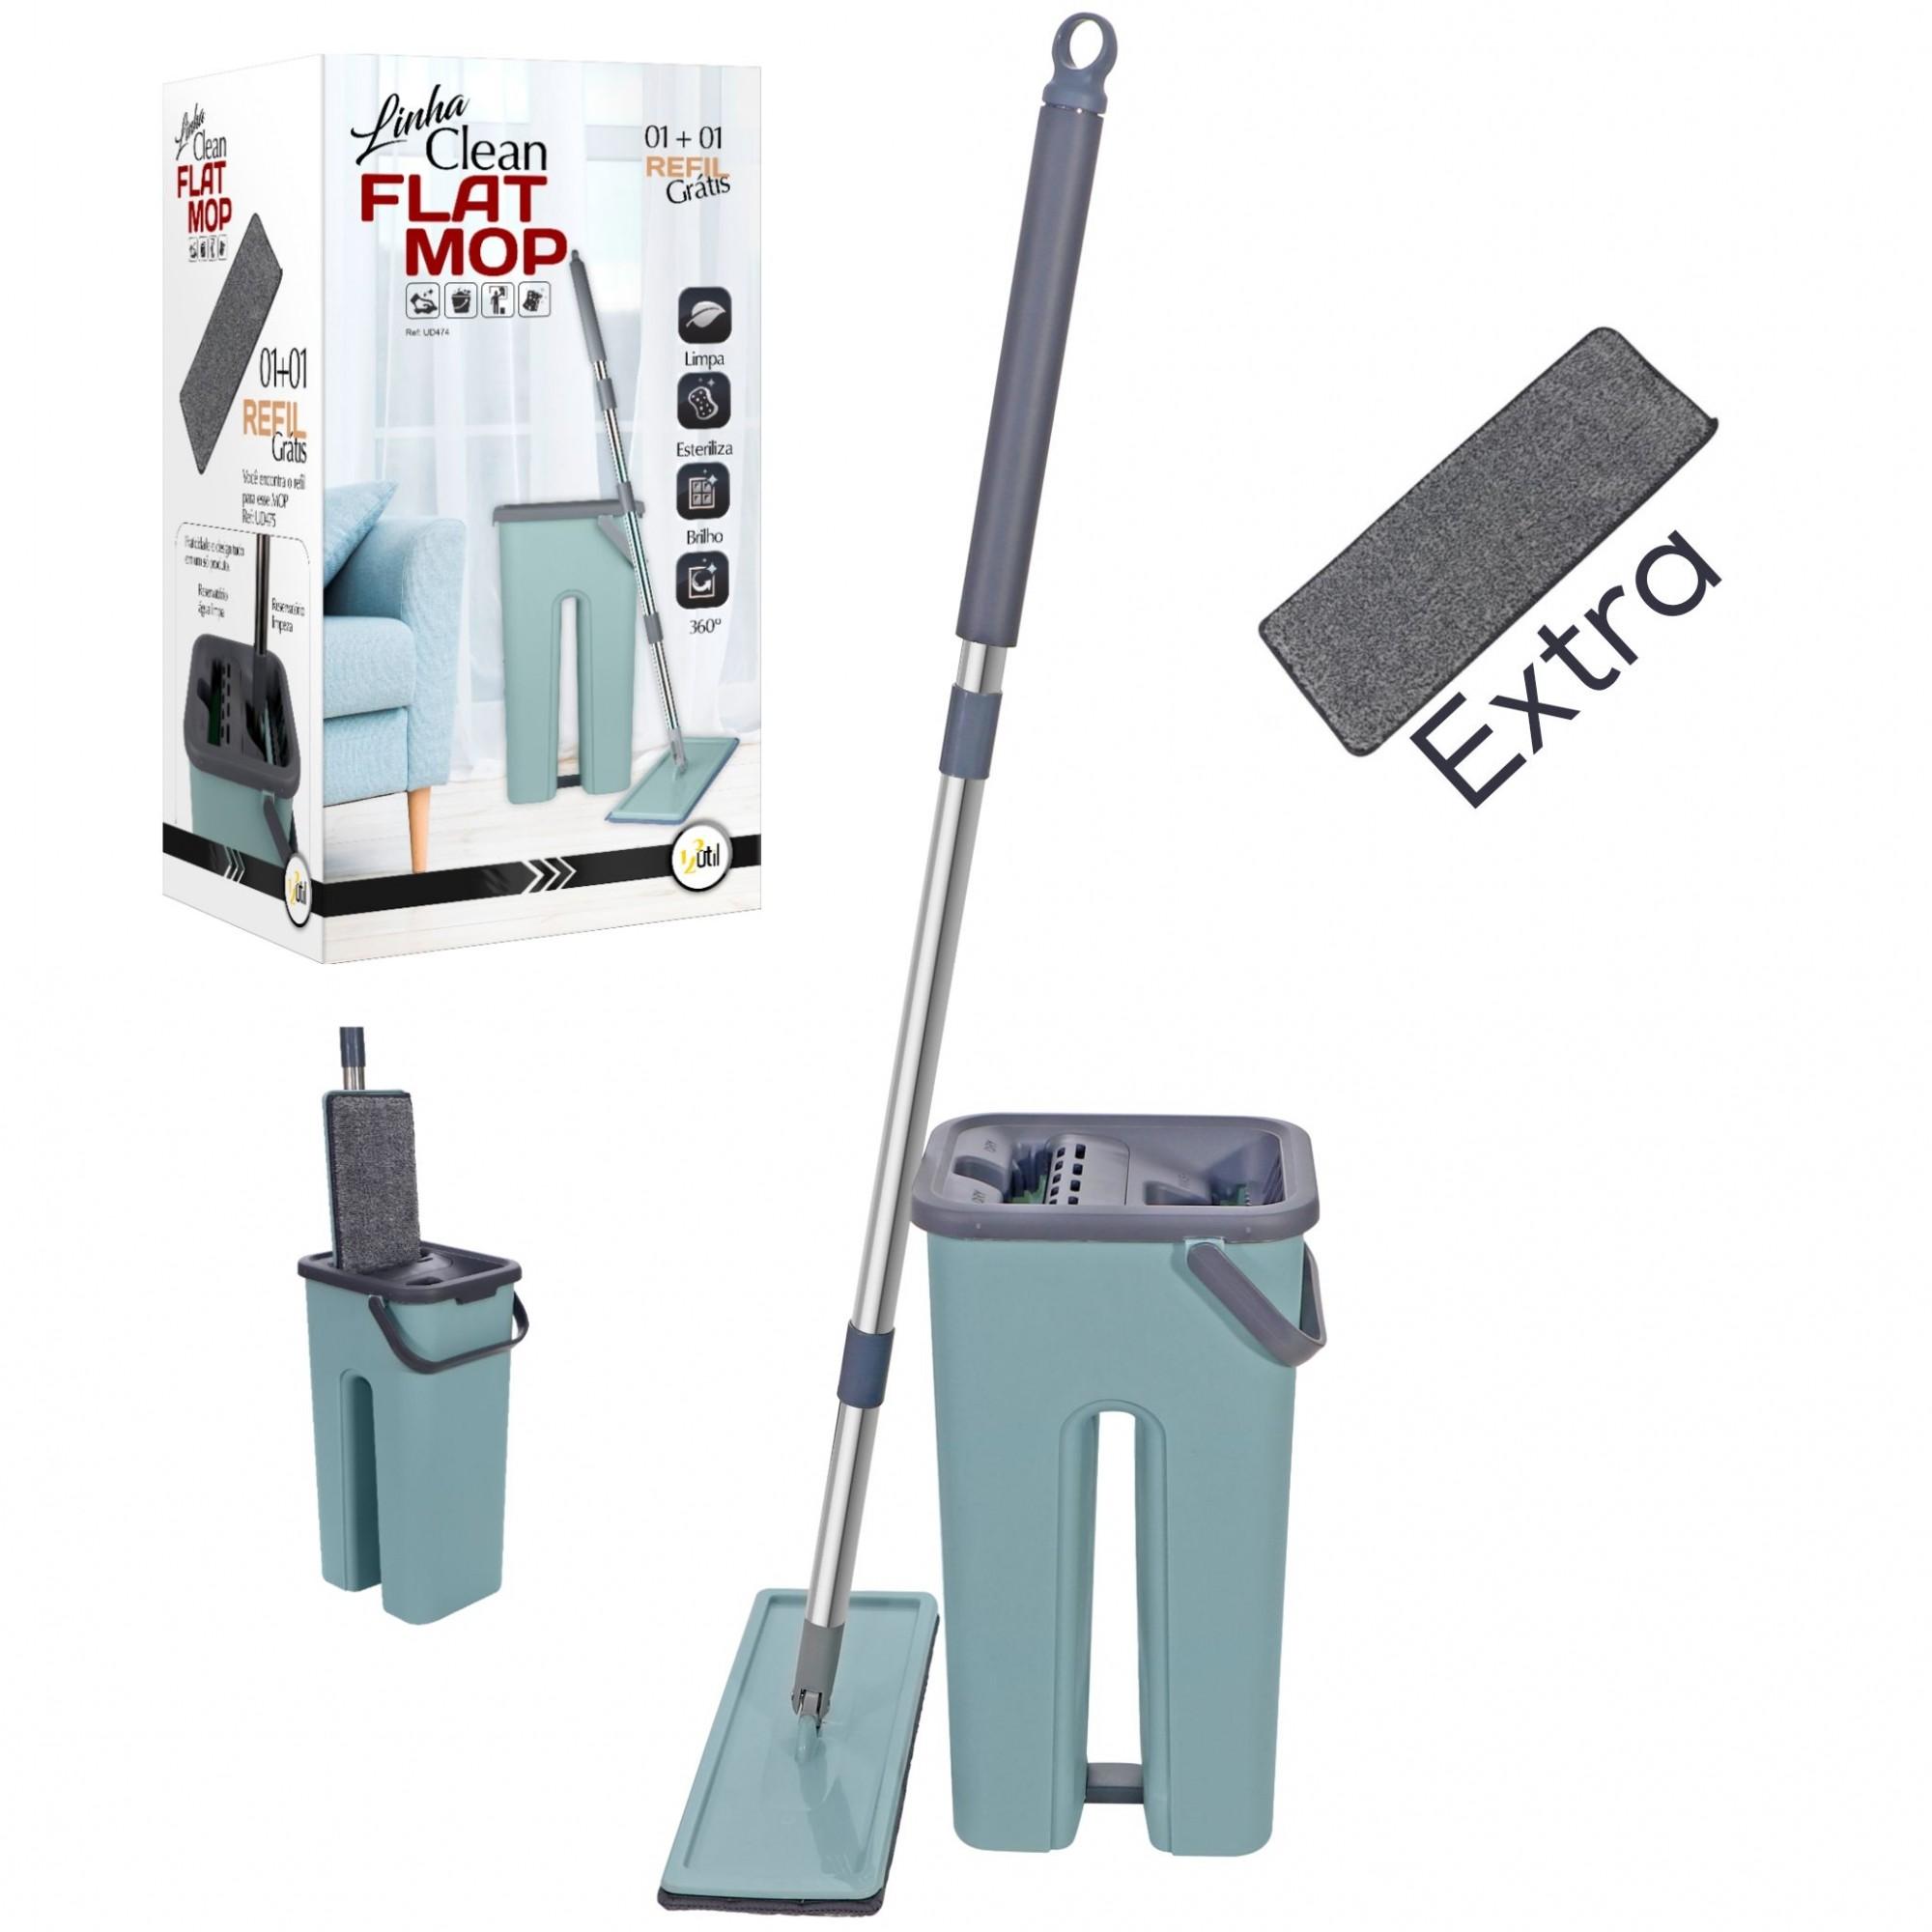 Flat Mop com 1 Refil extra Grátis